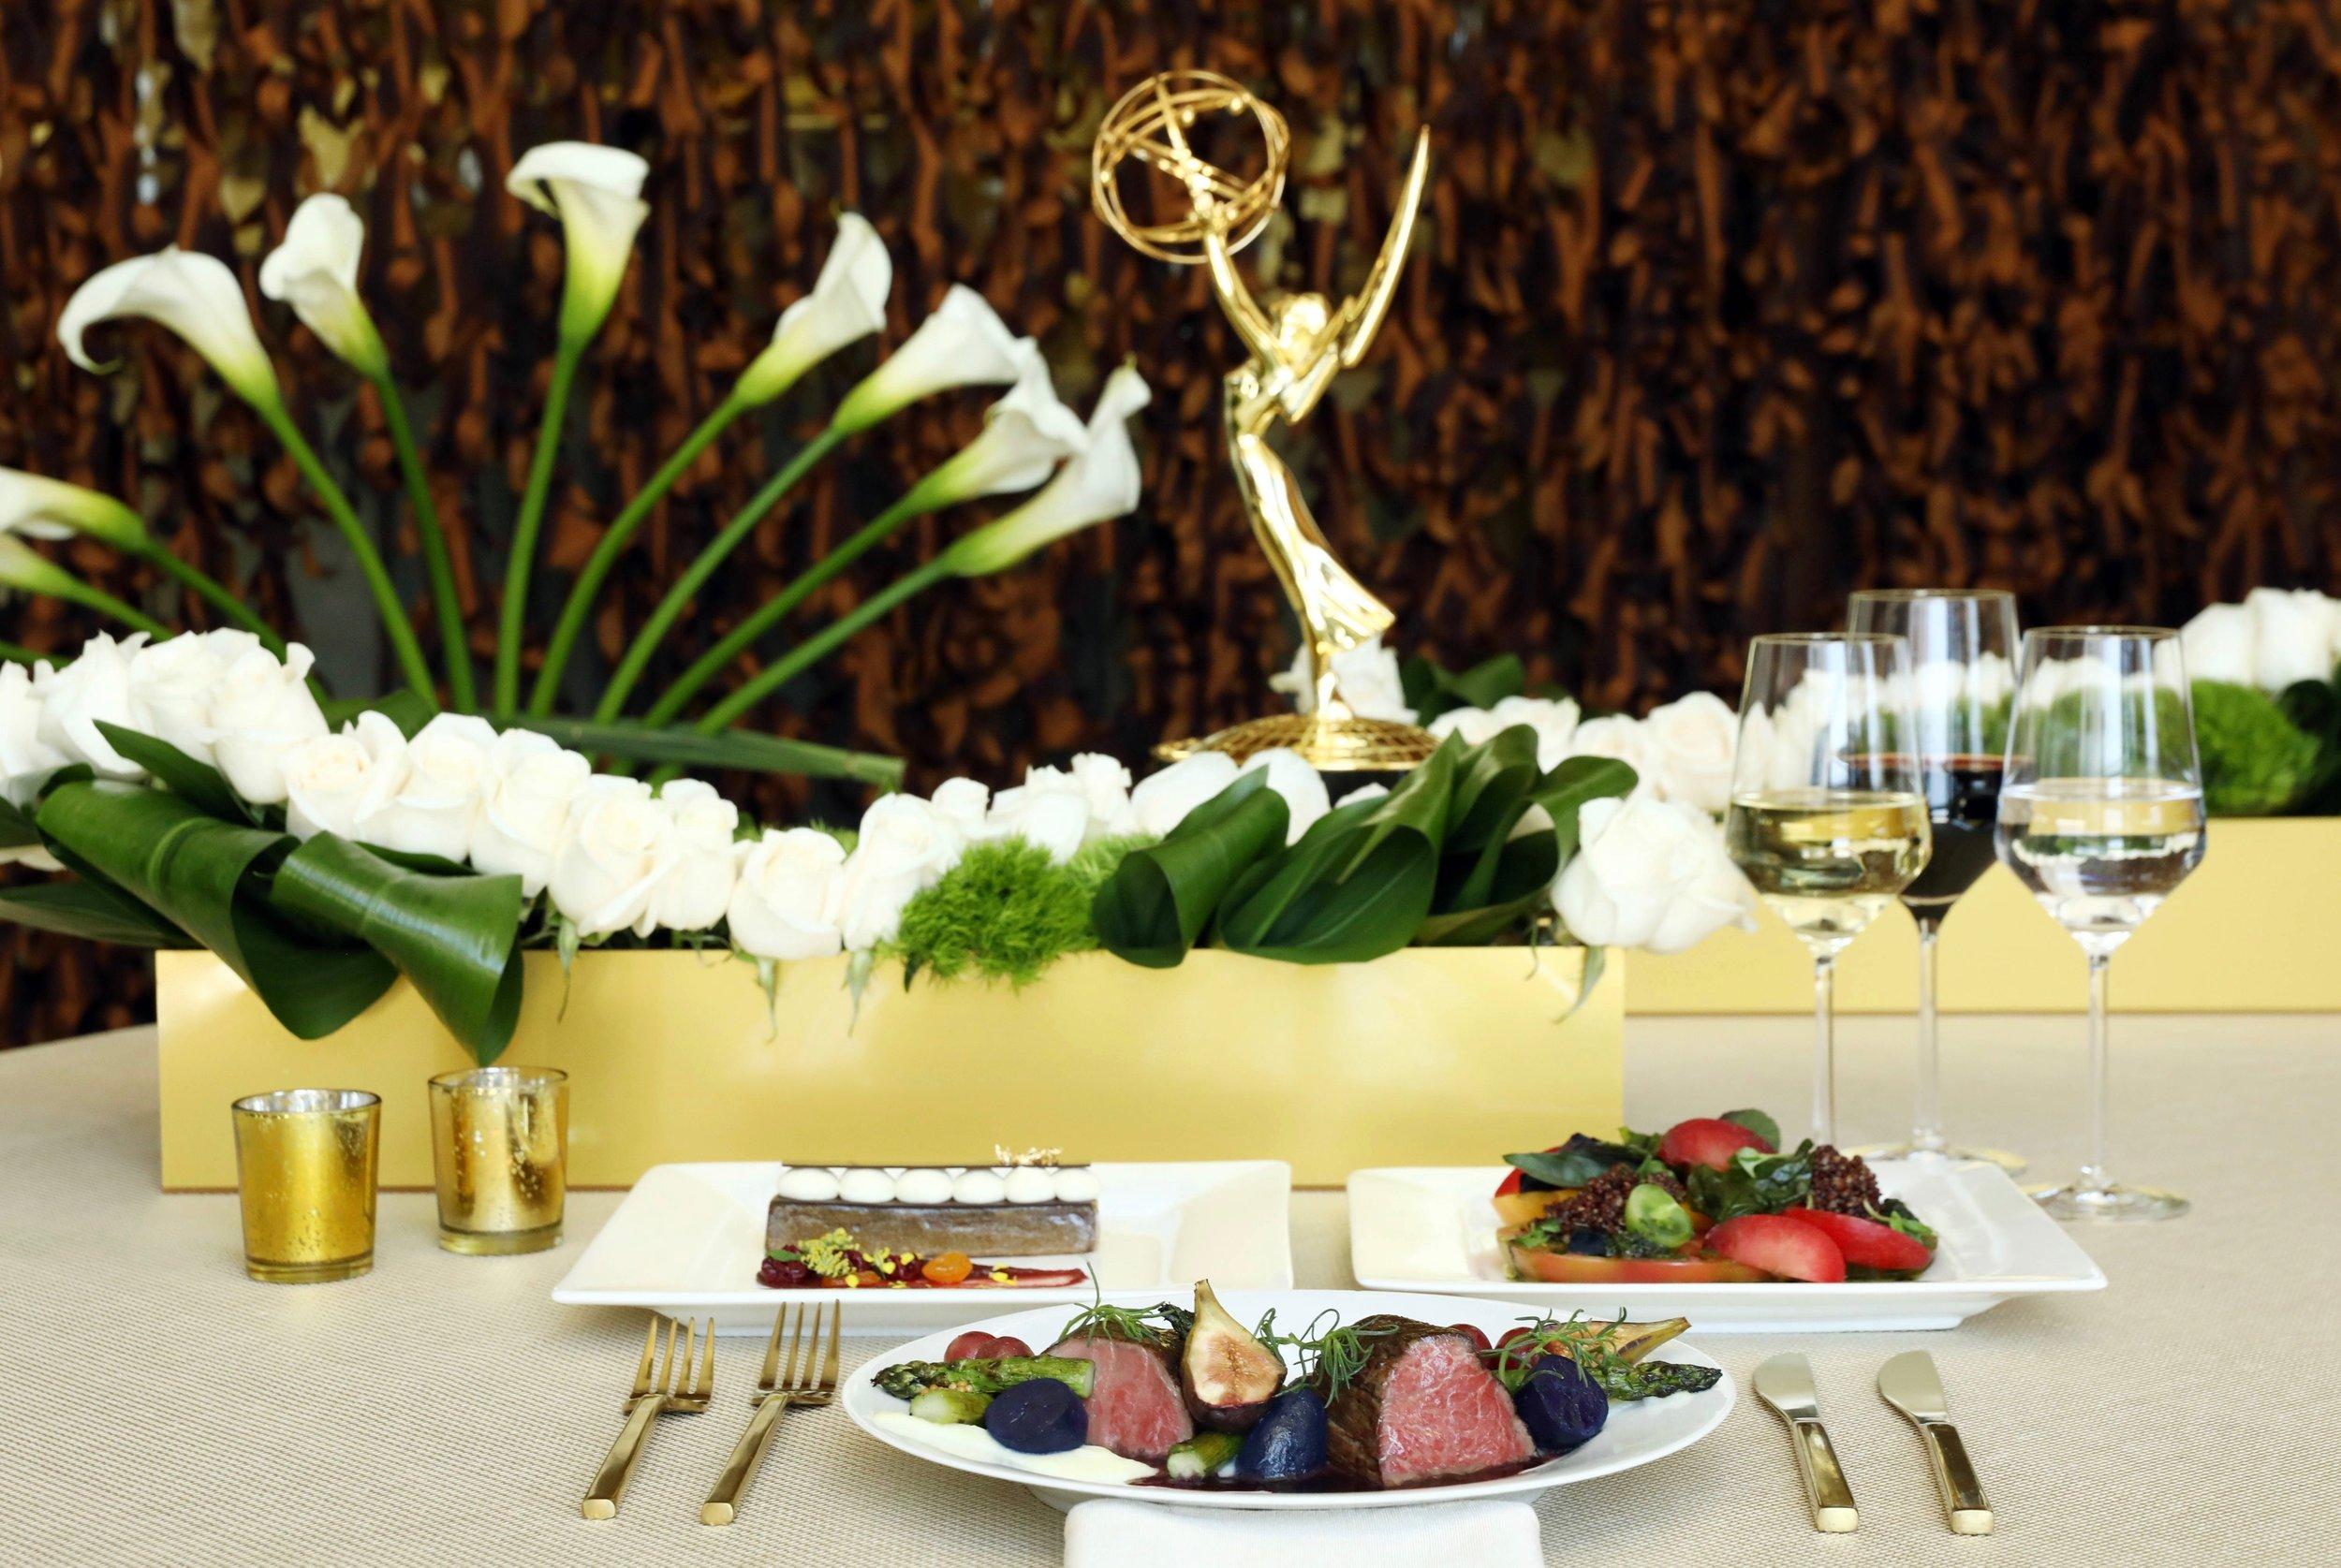 69th Primetime Emmy Awards Governer's Bal Menu.